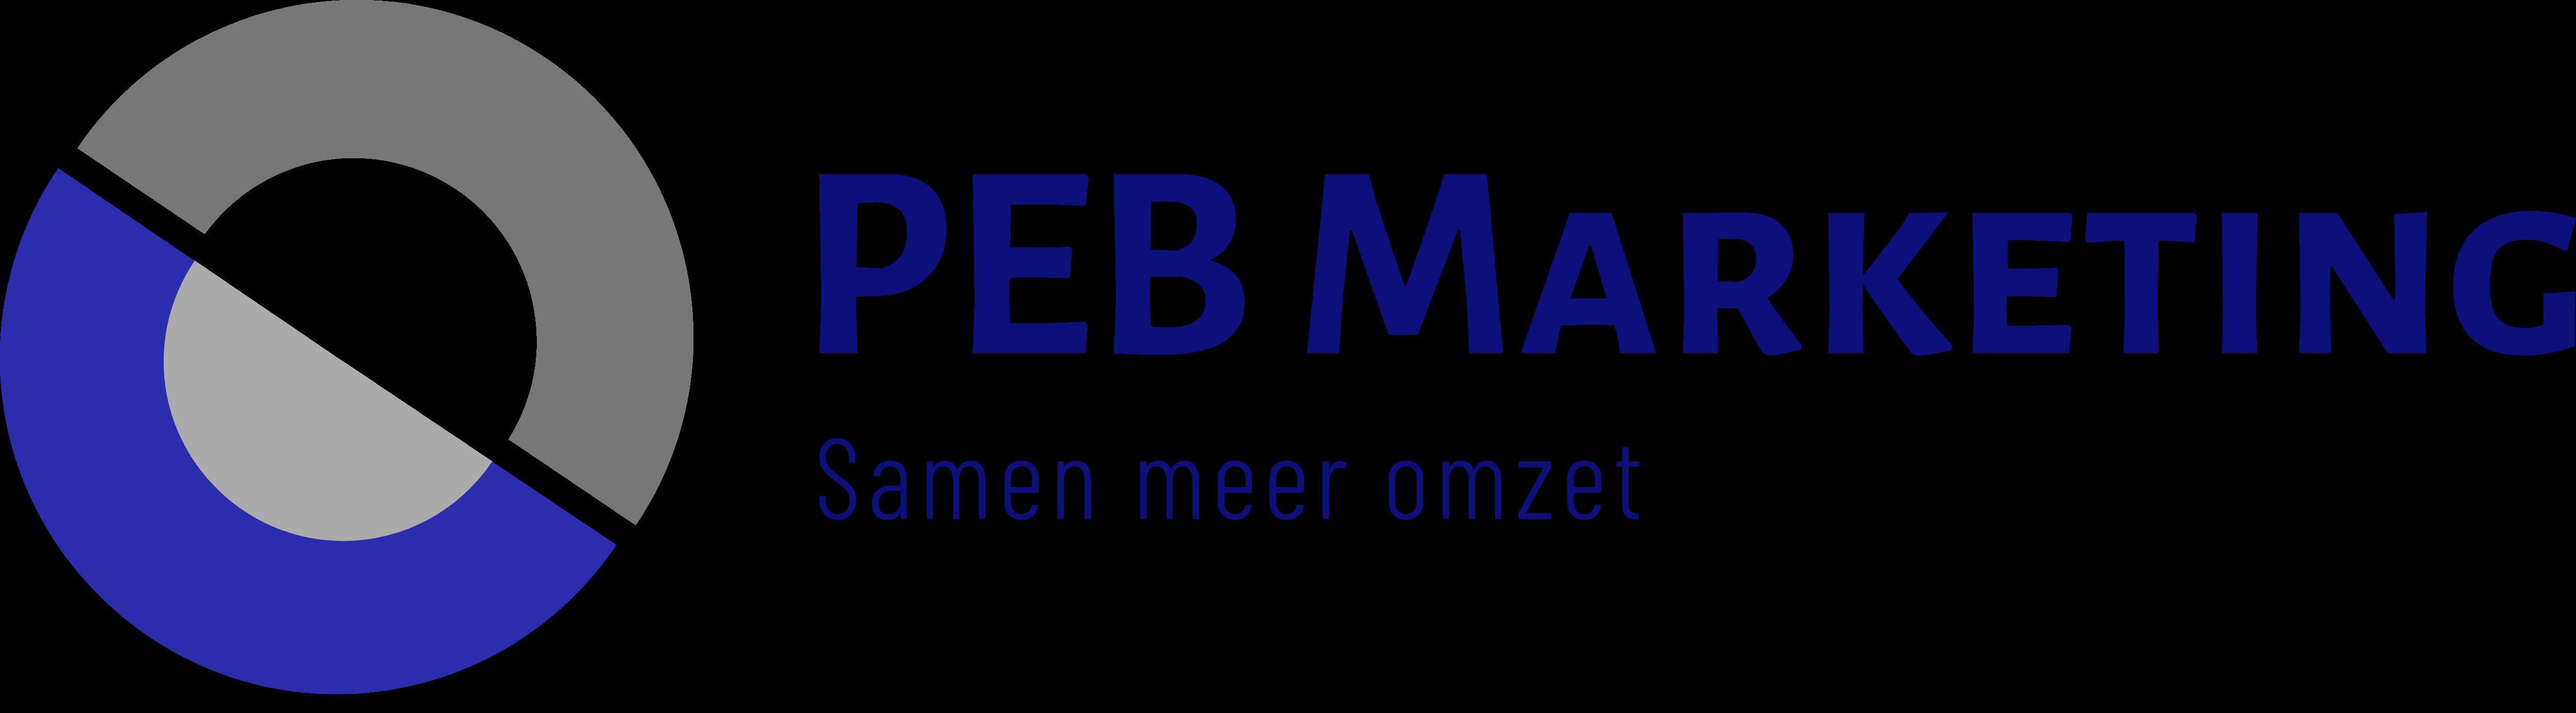 PEB Marketing